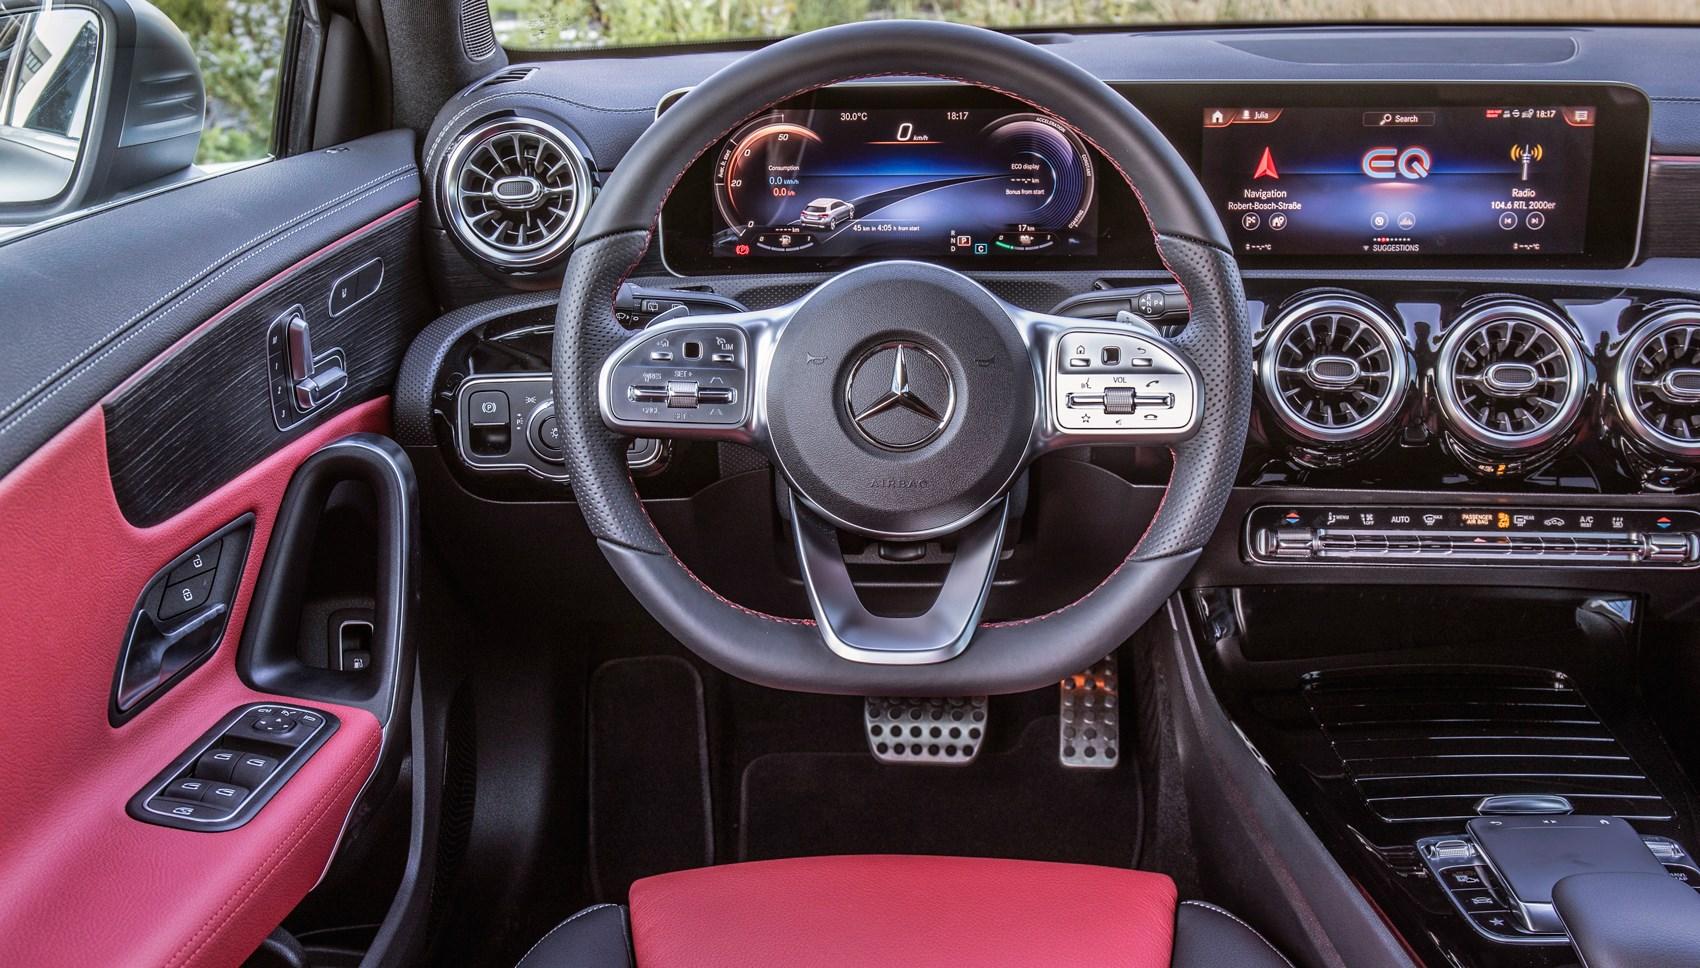 Mercedes A250e interior